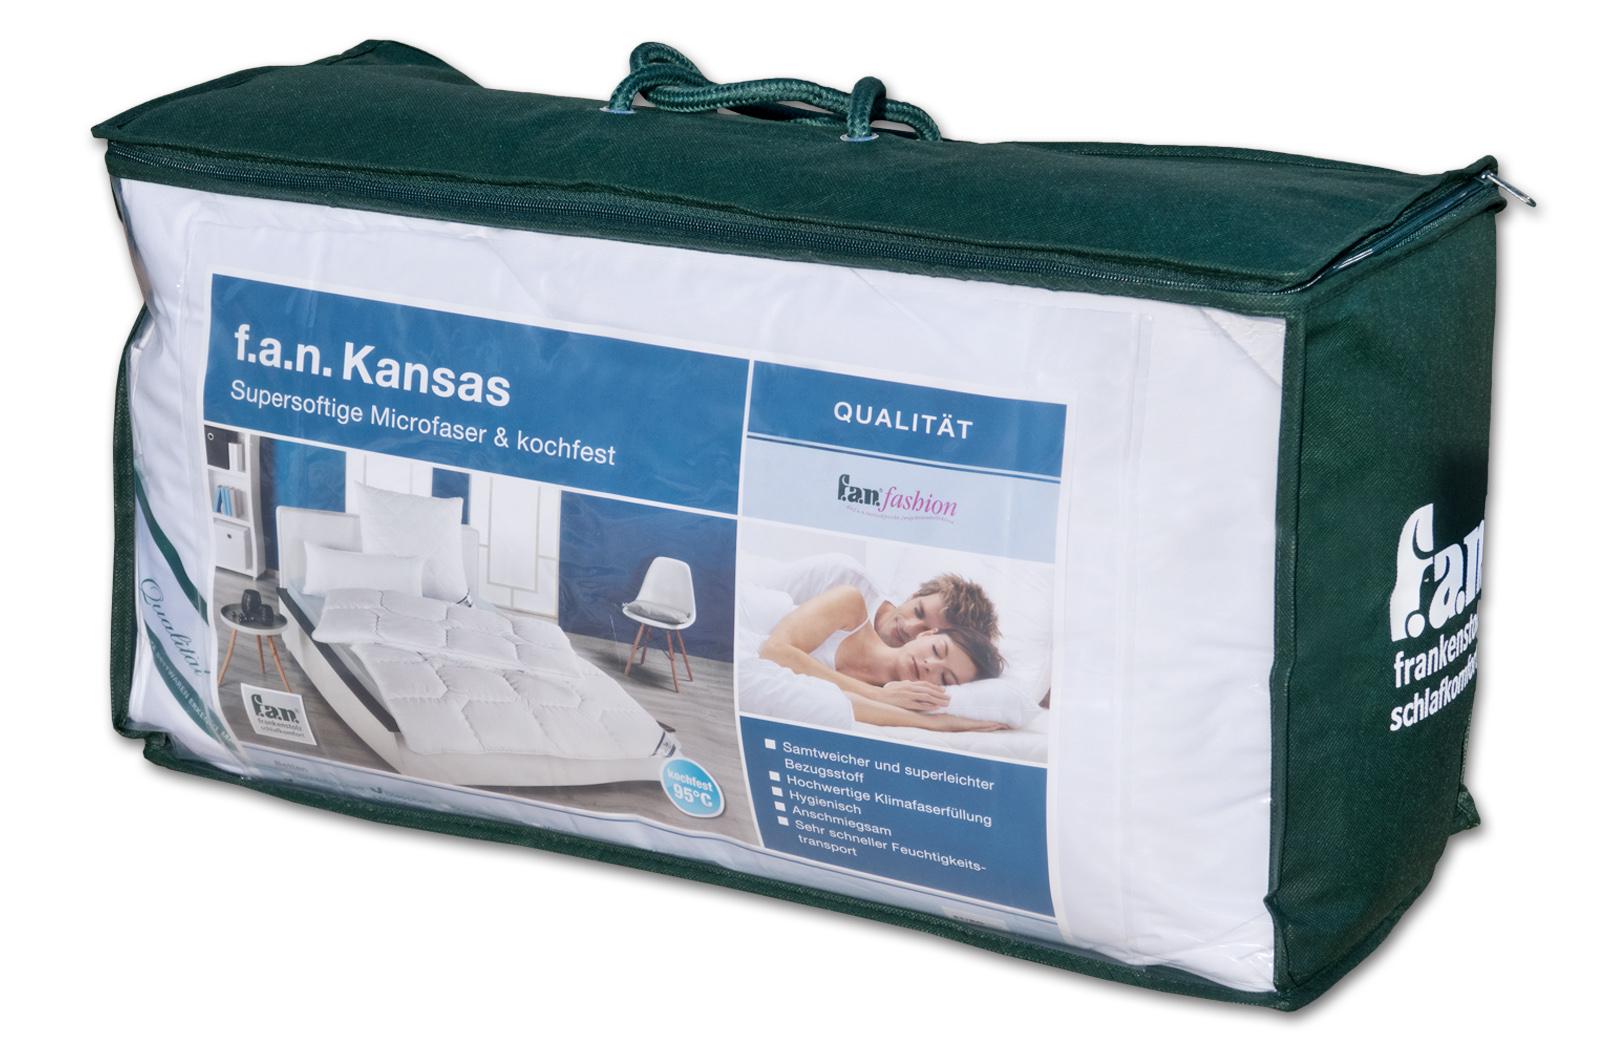 Frankenstolz Schlaf-Gut Steppbett Ganzjahresdecke Kansas – Bild 4